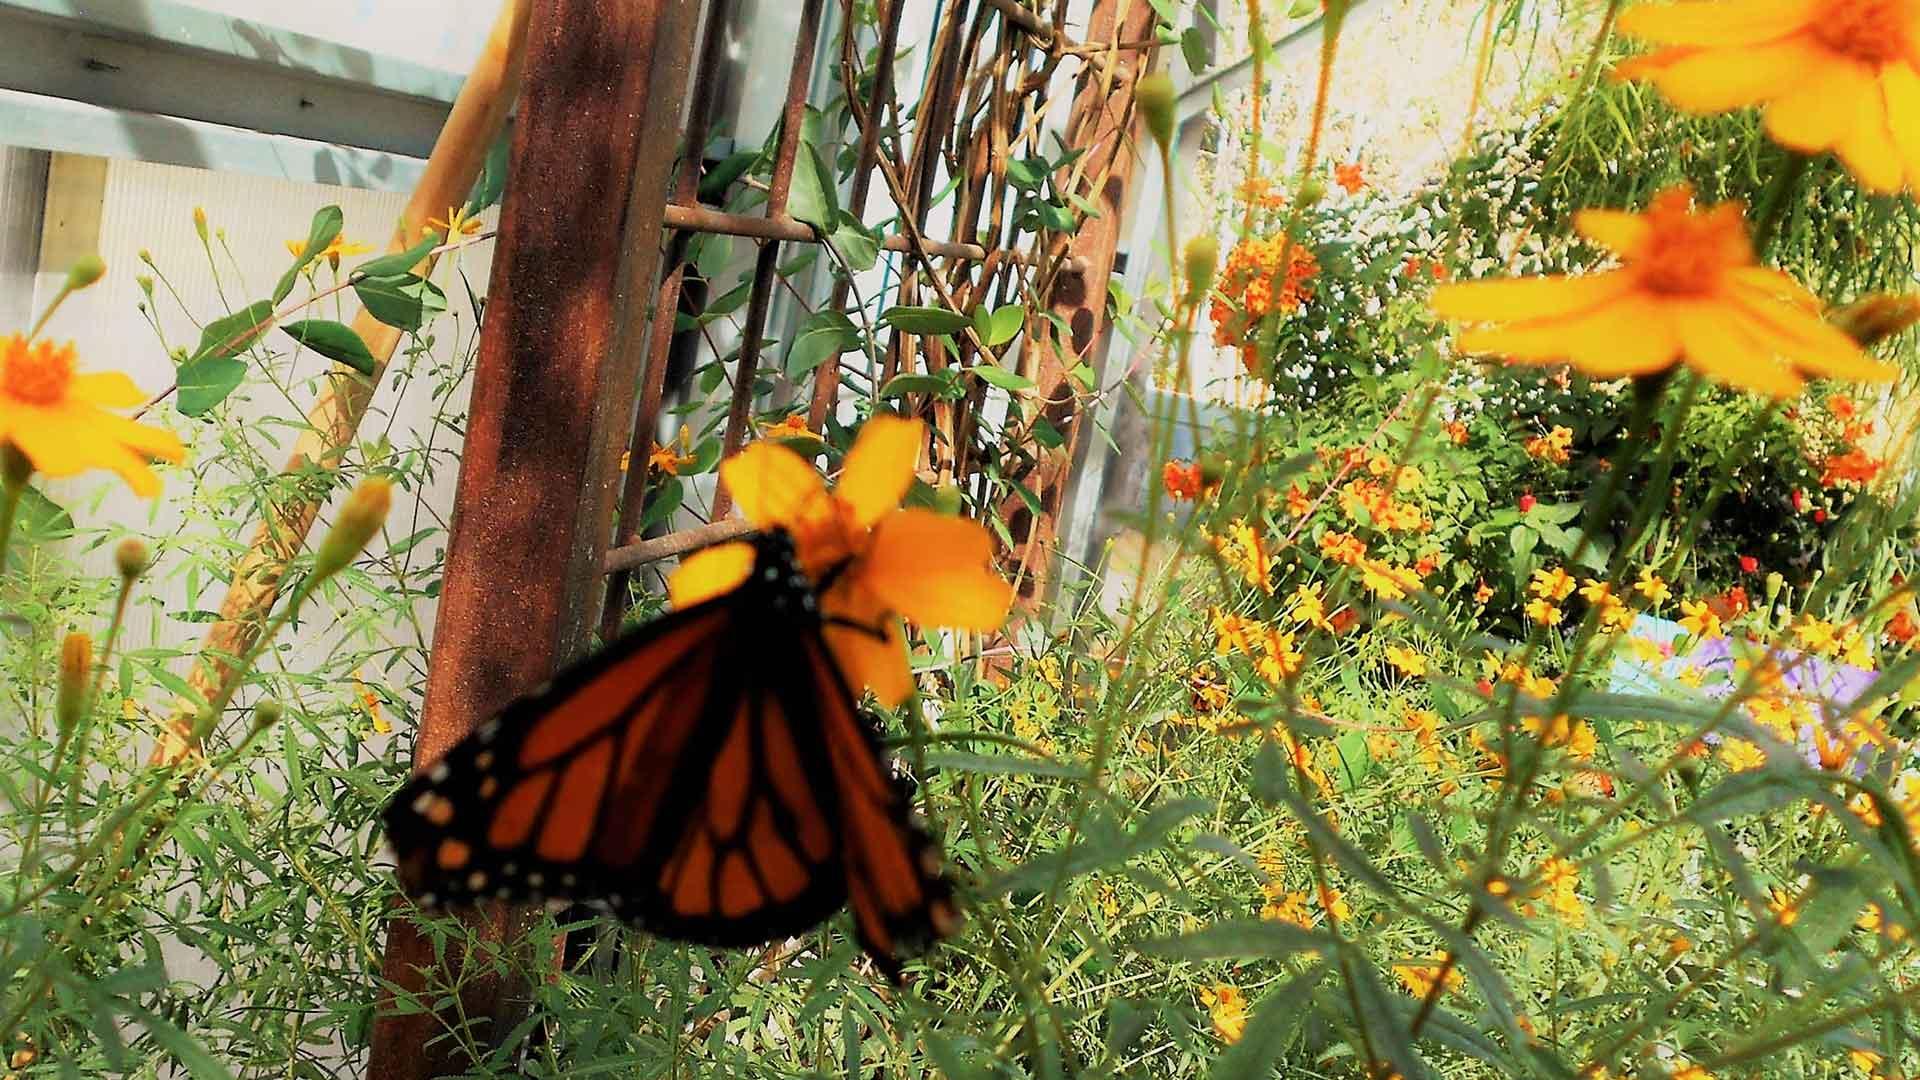 Outdoor - Inspirationen für Balkon und Garten - Vorteile von Schmetterlingen im Garten - so geht's einfach desmondo